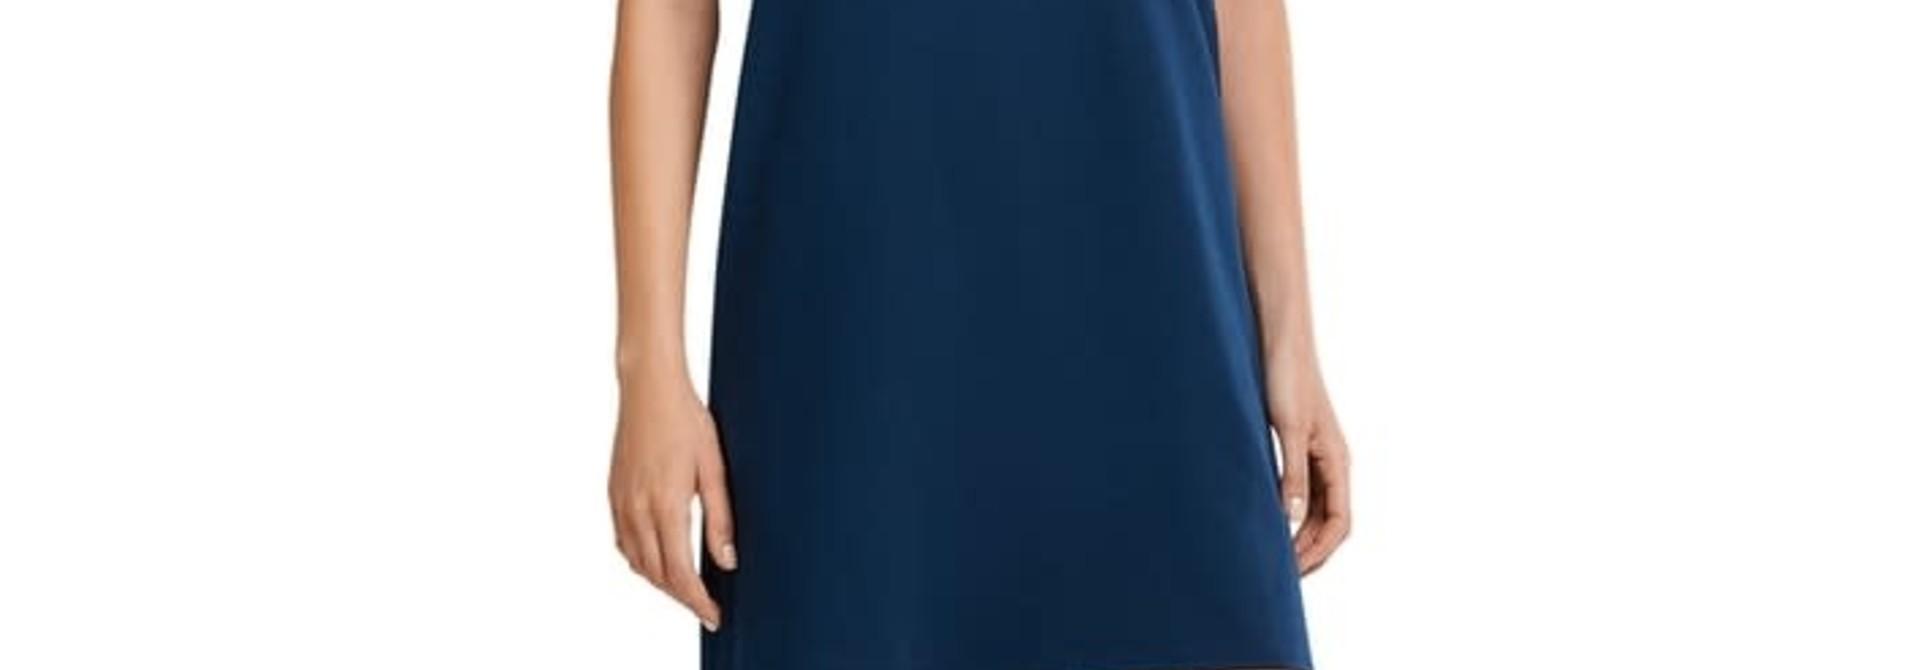 Nachthemd korte mouw 174668 - blauw